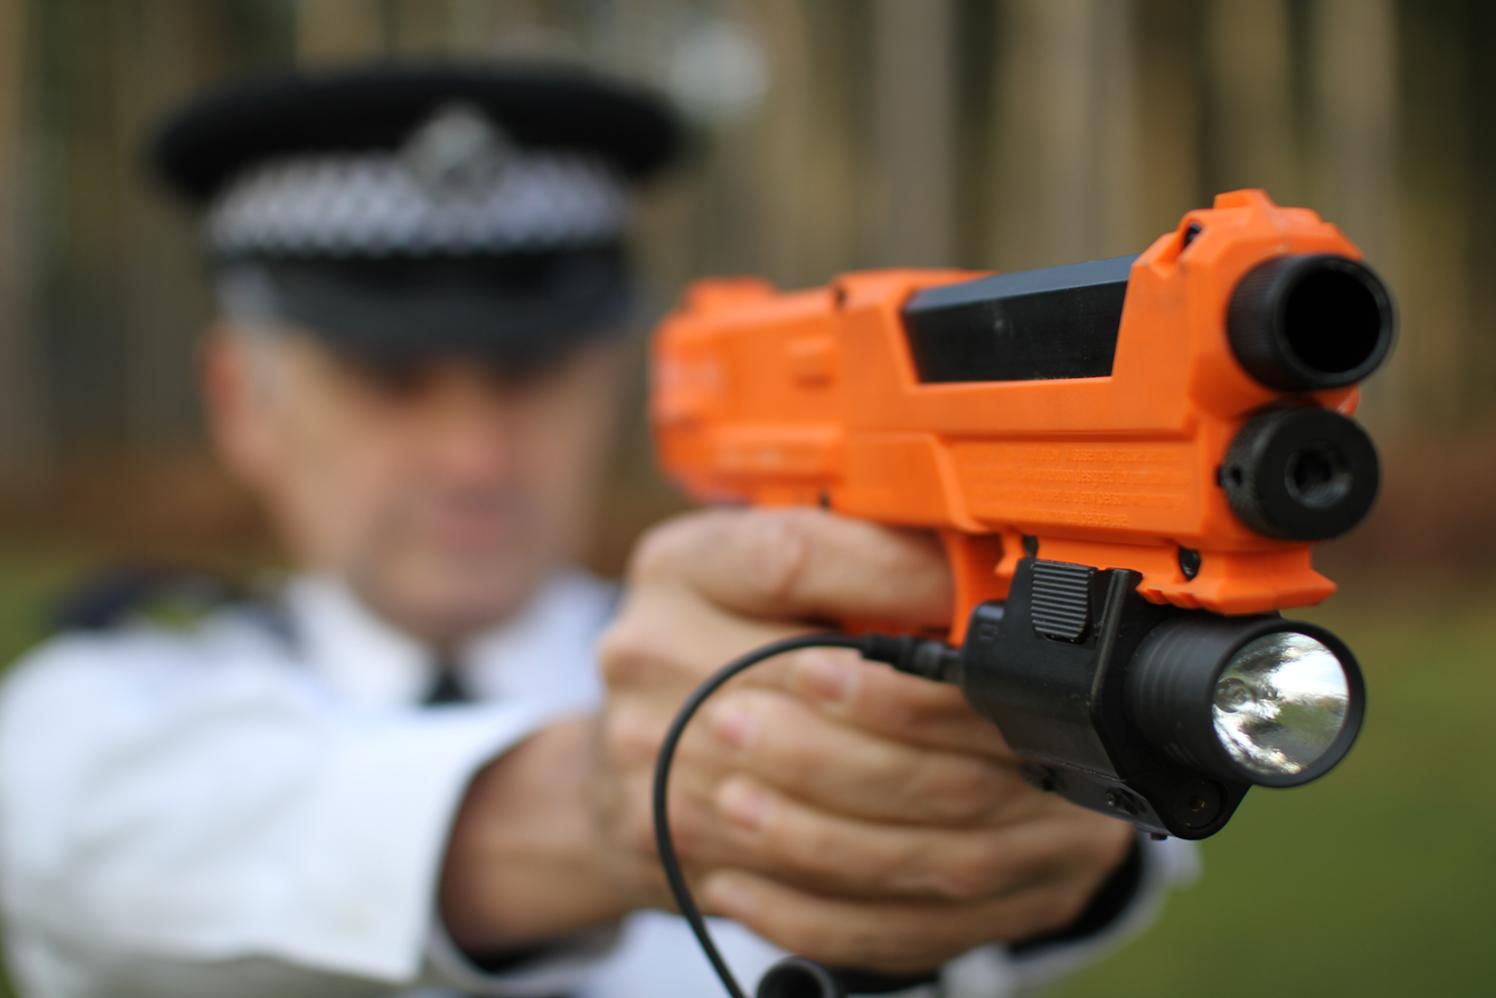 Public Order Offences